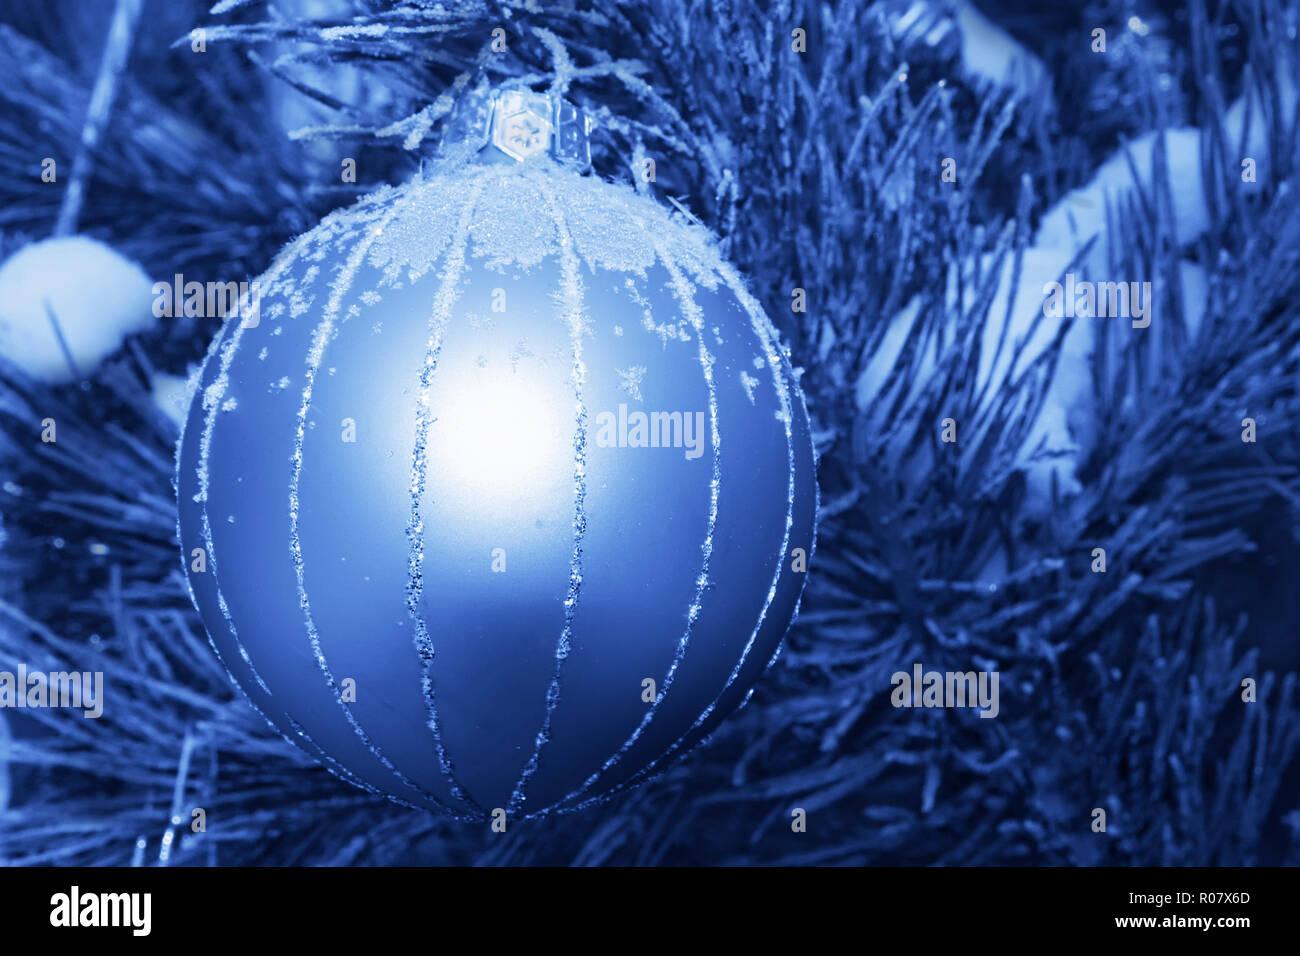 Decorazioni Albero Di Natale Blu : Decorazione di natale appeso a un albero di pino all esterno